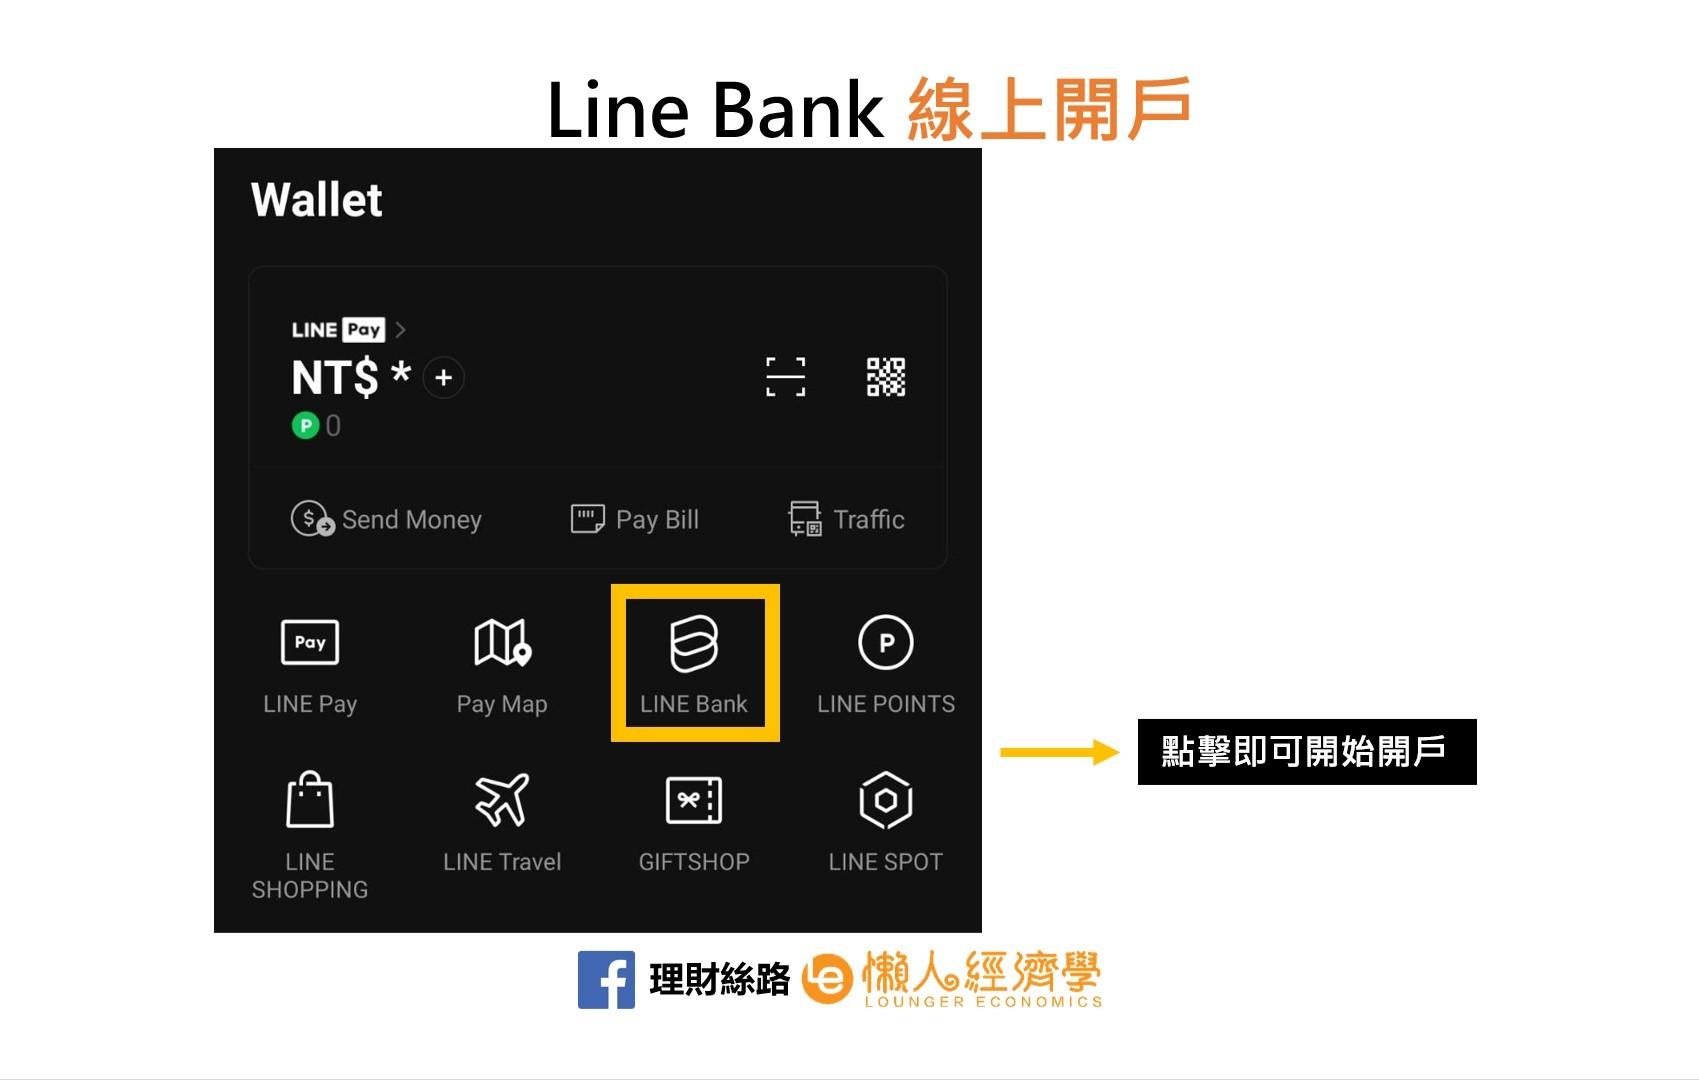 Line Bank 電子錢包